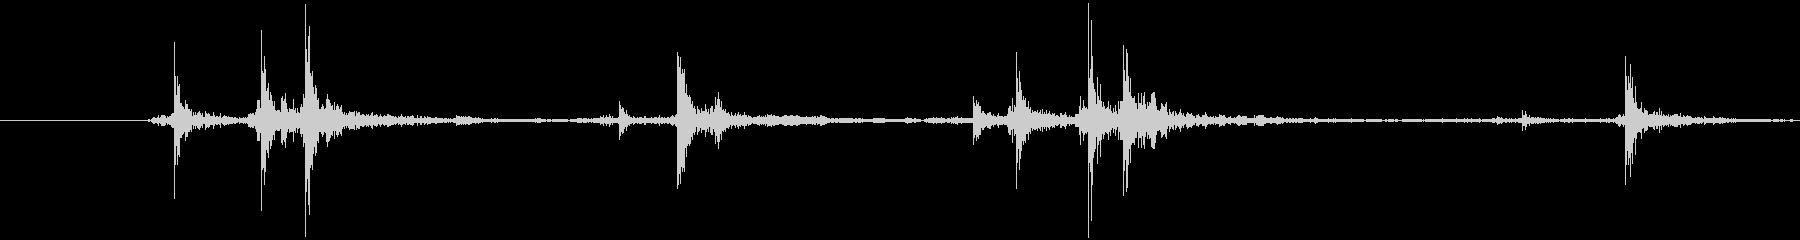 チェーンプルスイッチ:オンまたはオ...の未再生の波形